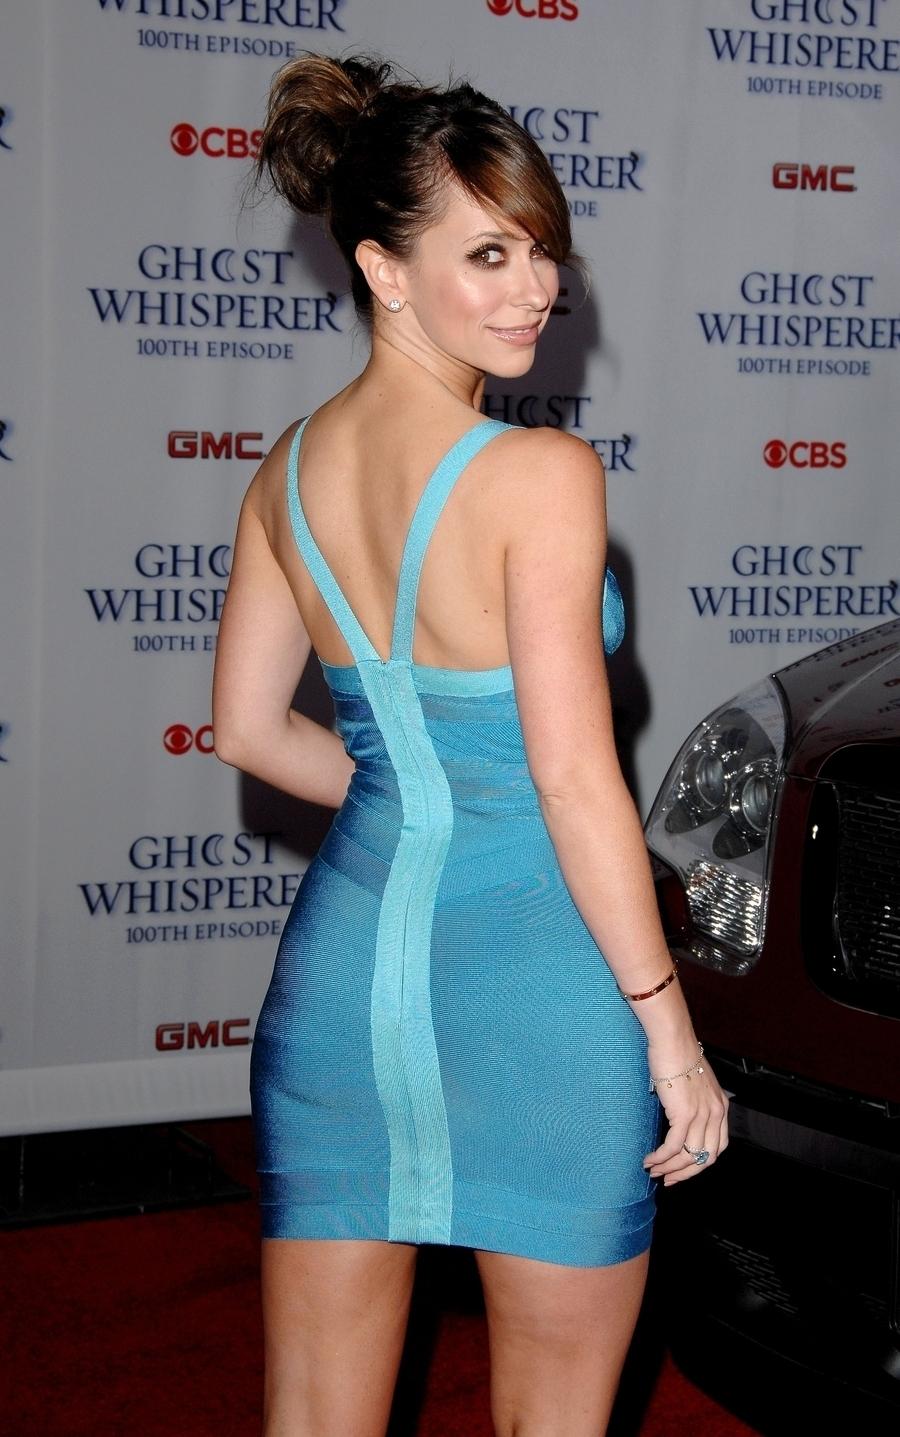 Jennifer Love Hewitt beaucoup de seins et le cul